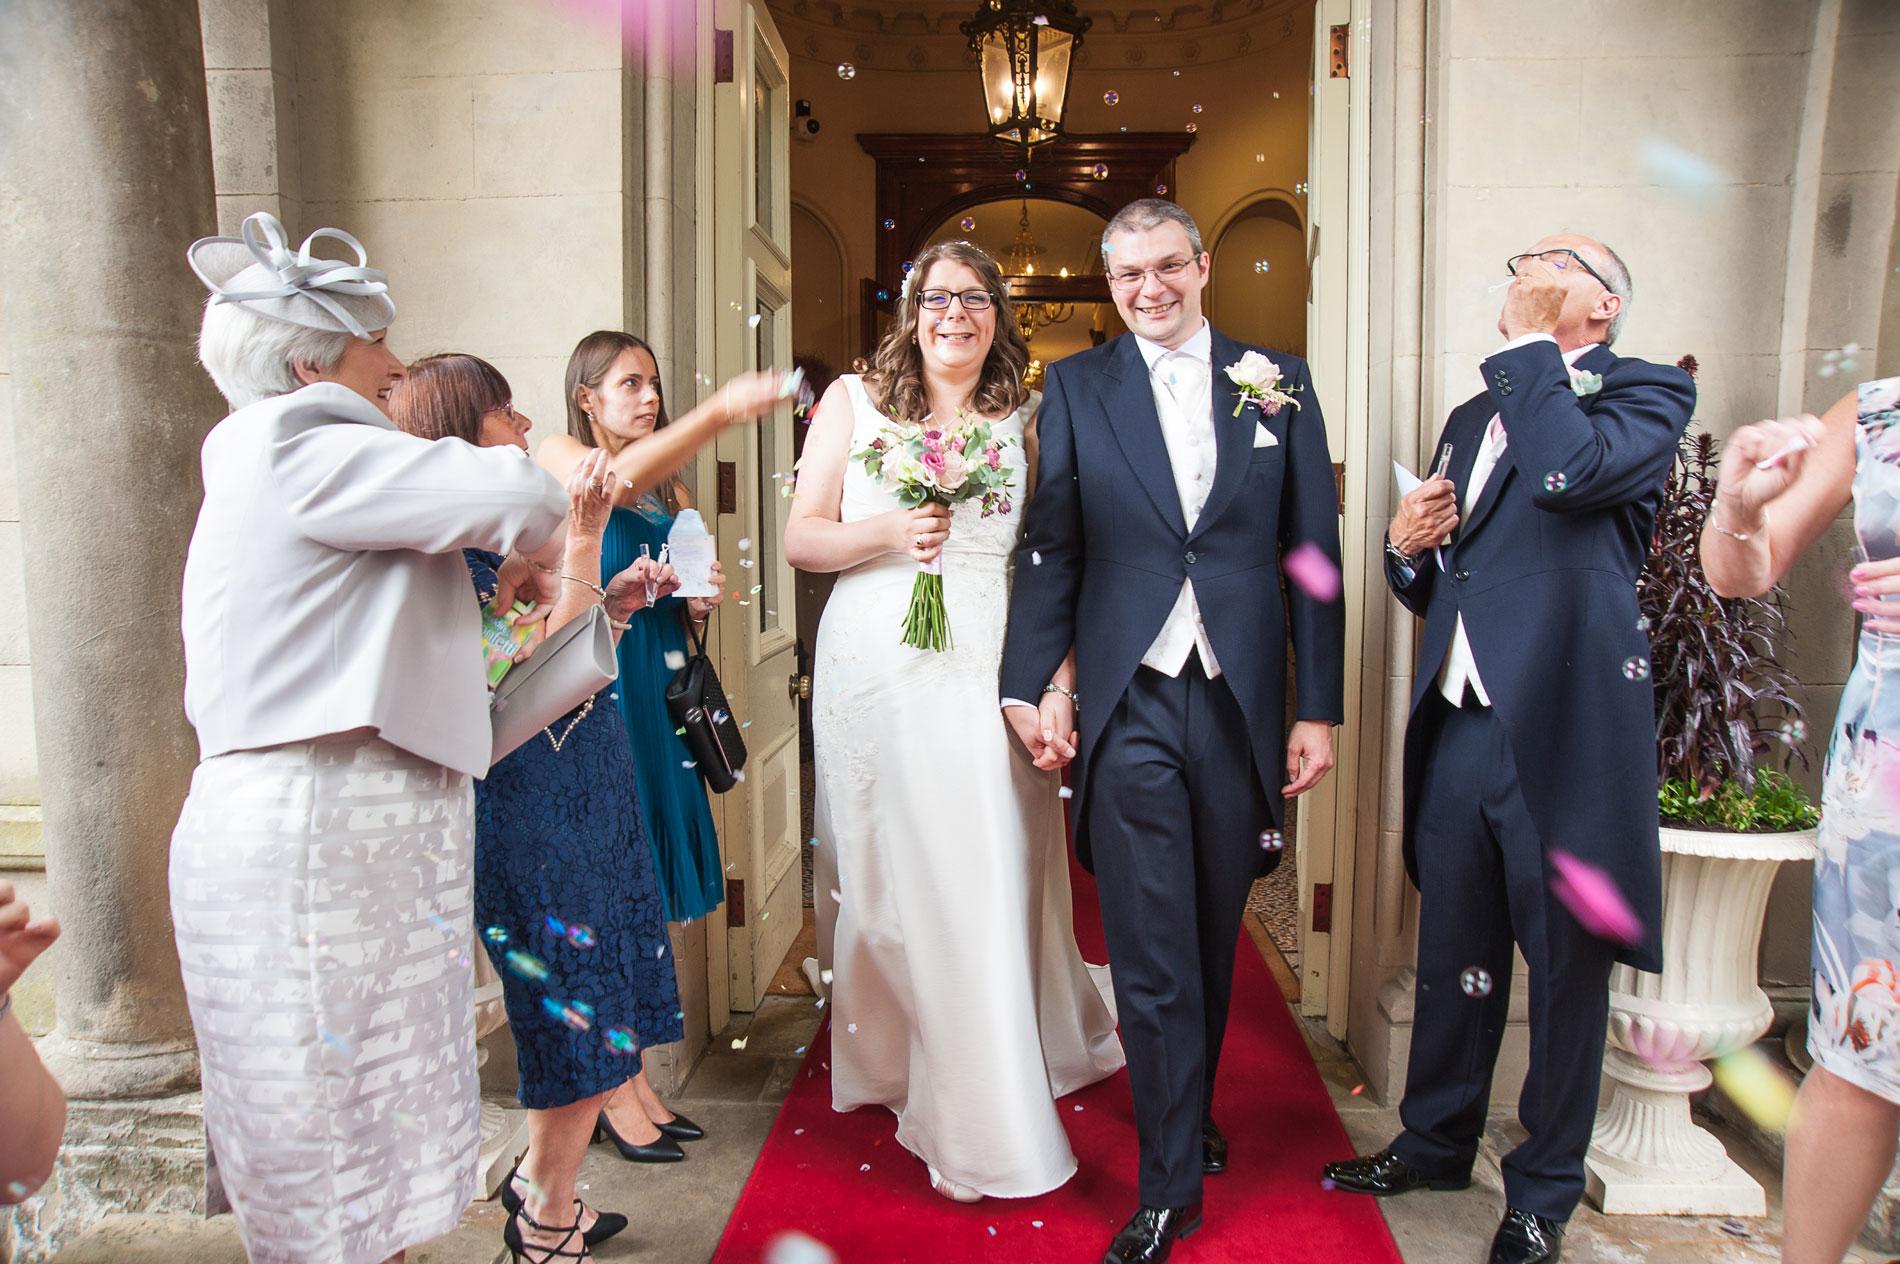 Kilworth-weddings-_33.jpg